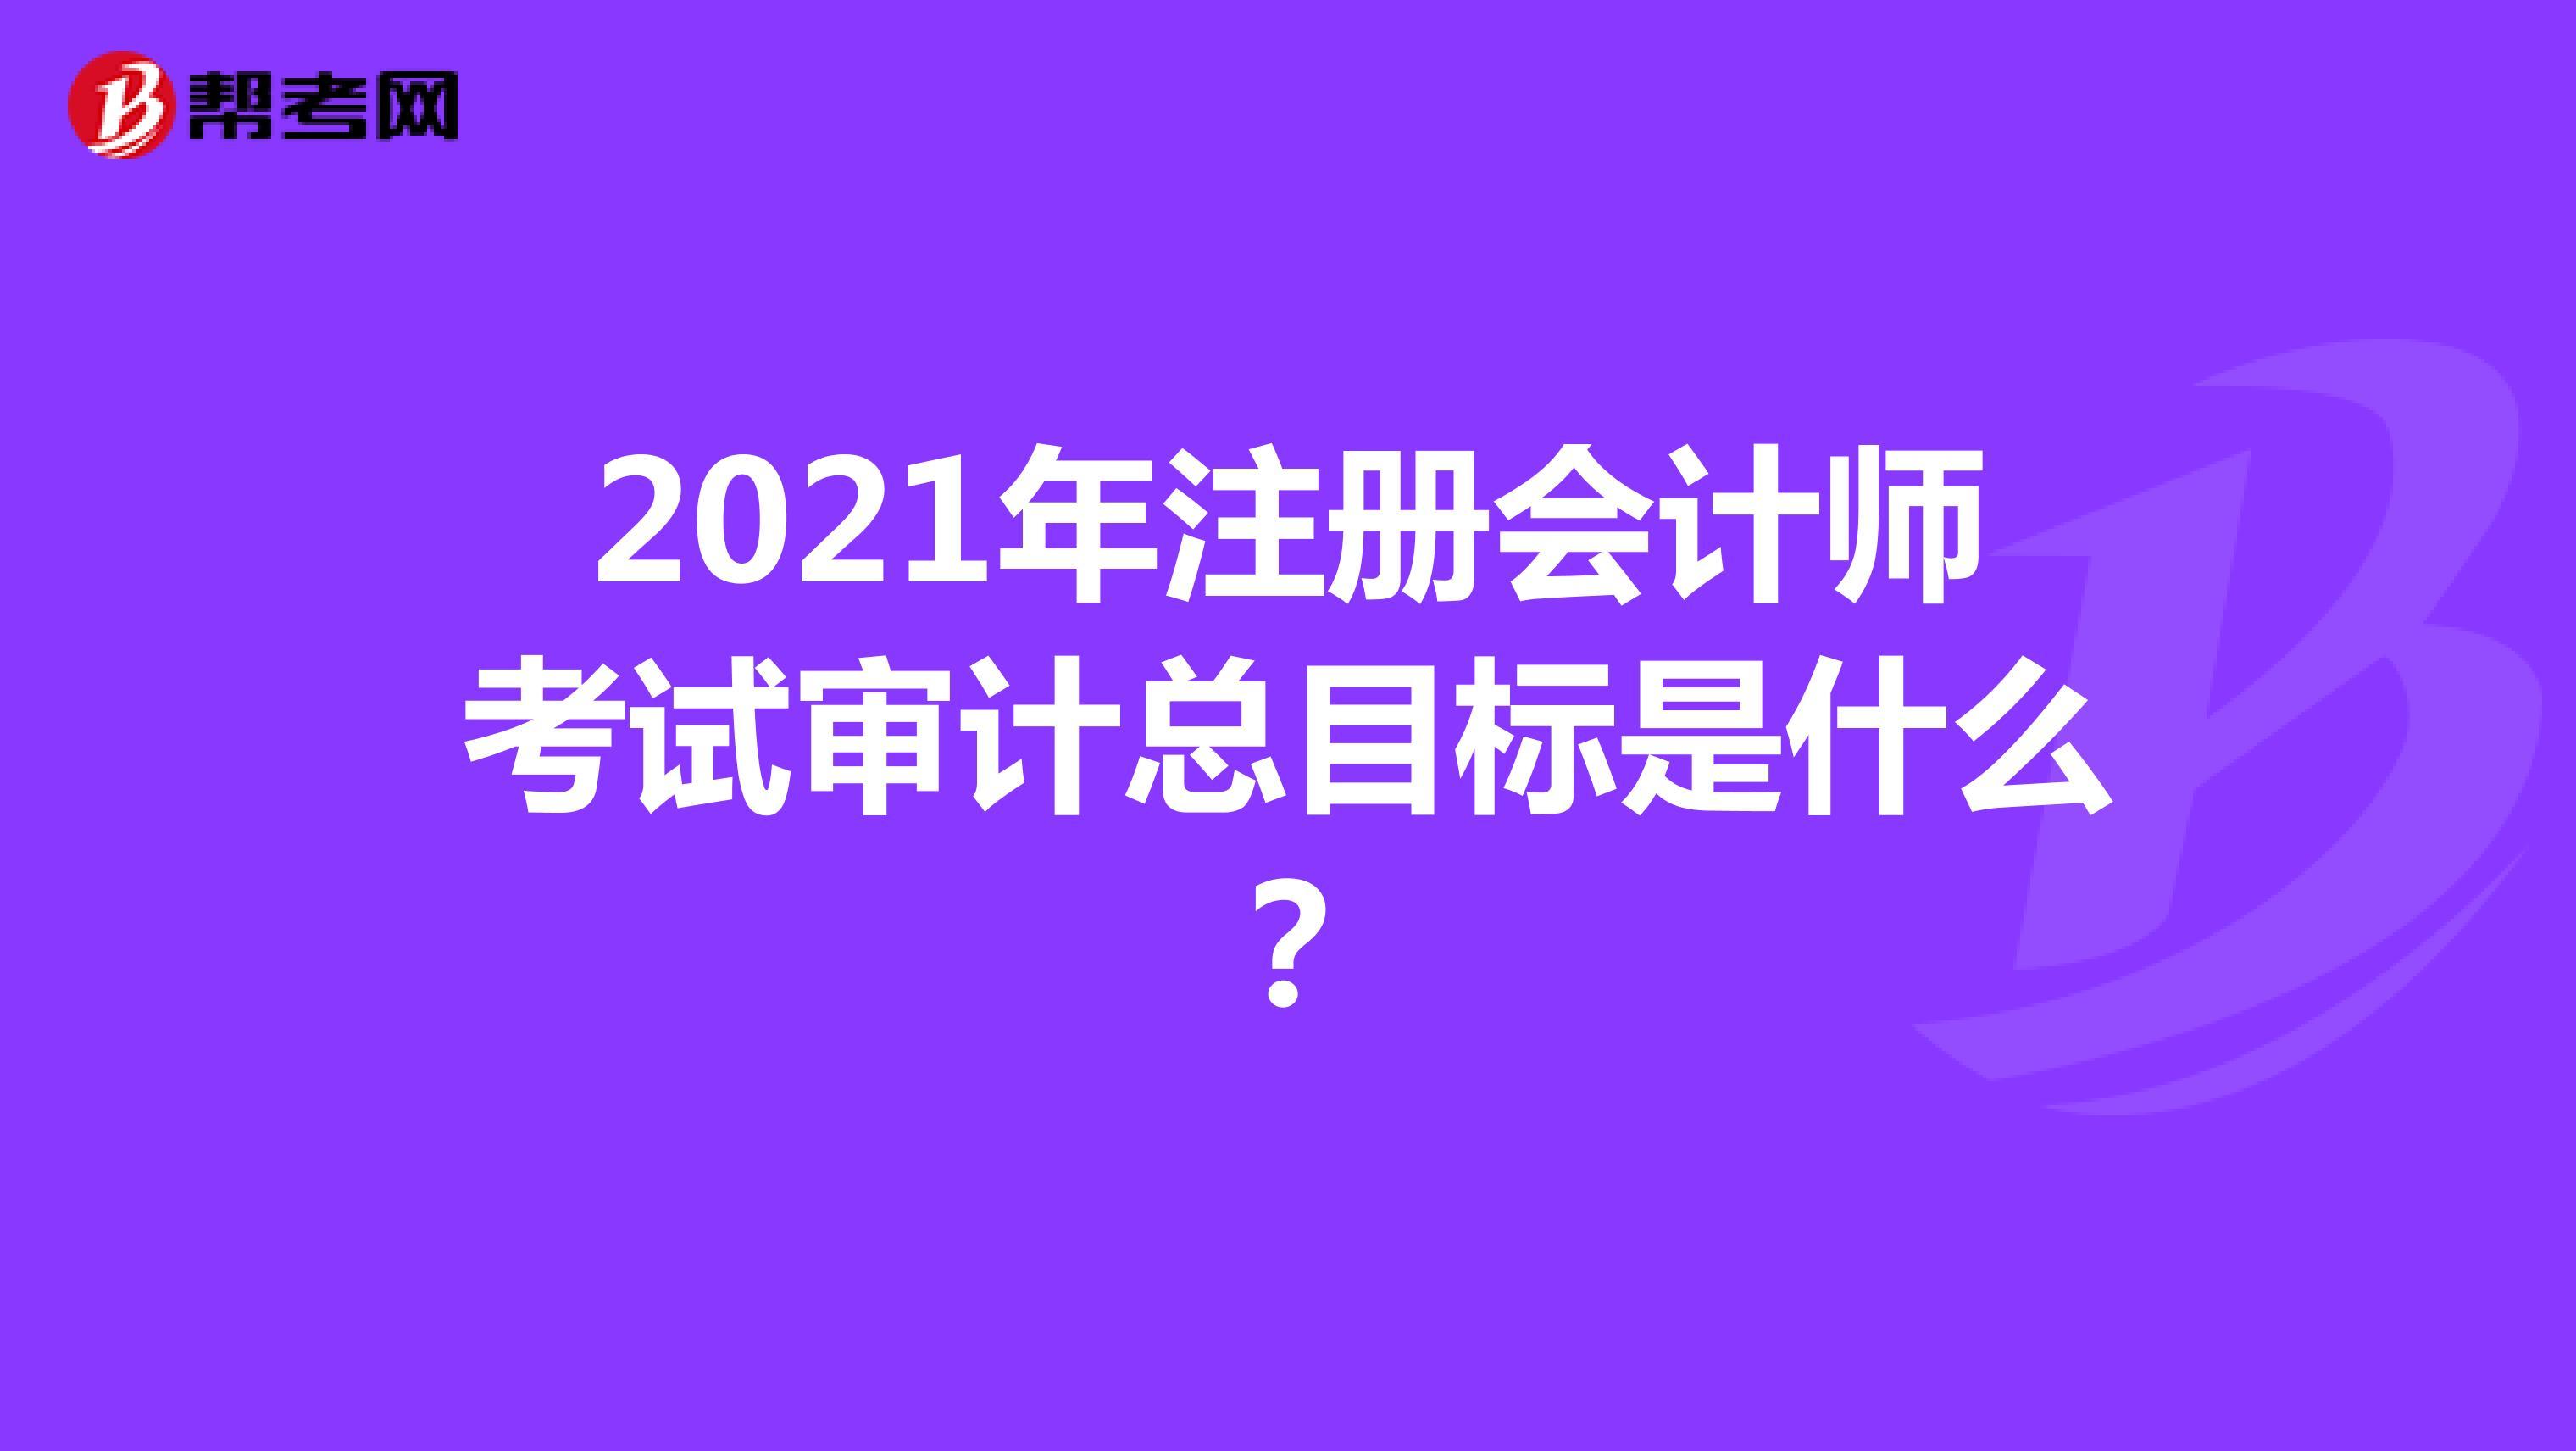 2021年【hot88热竞技提款】注册会计师考试审计总目标是什么?